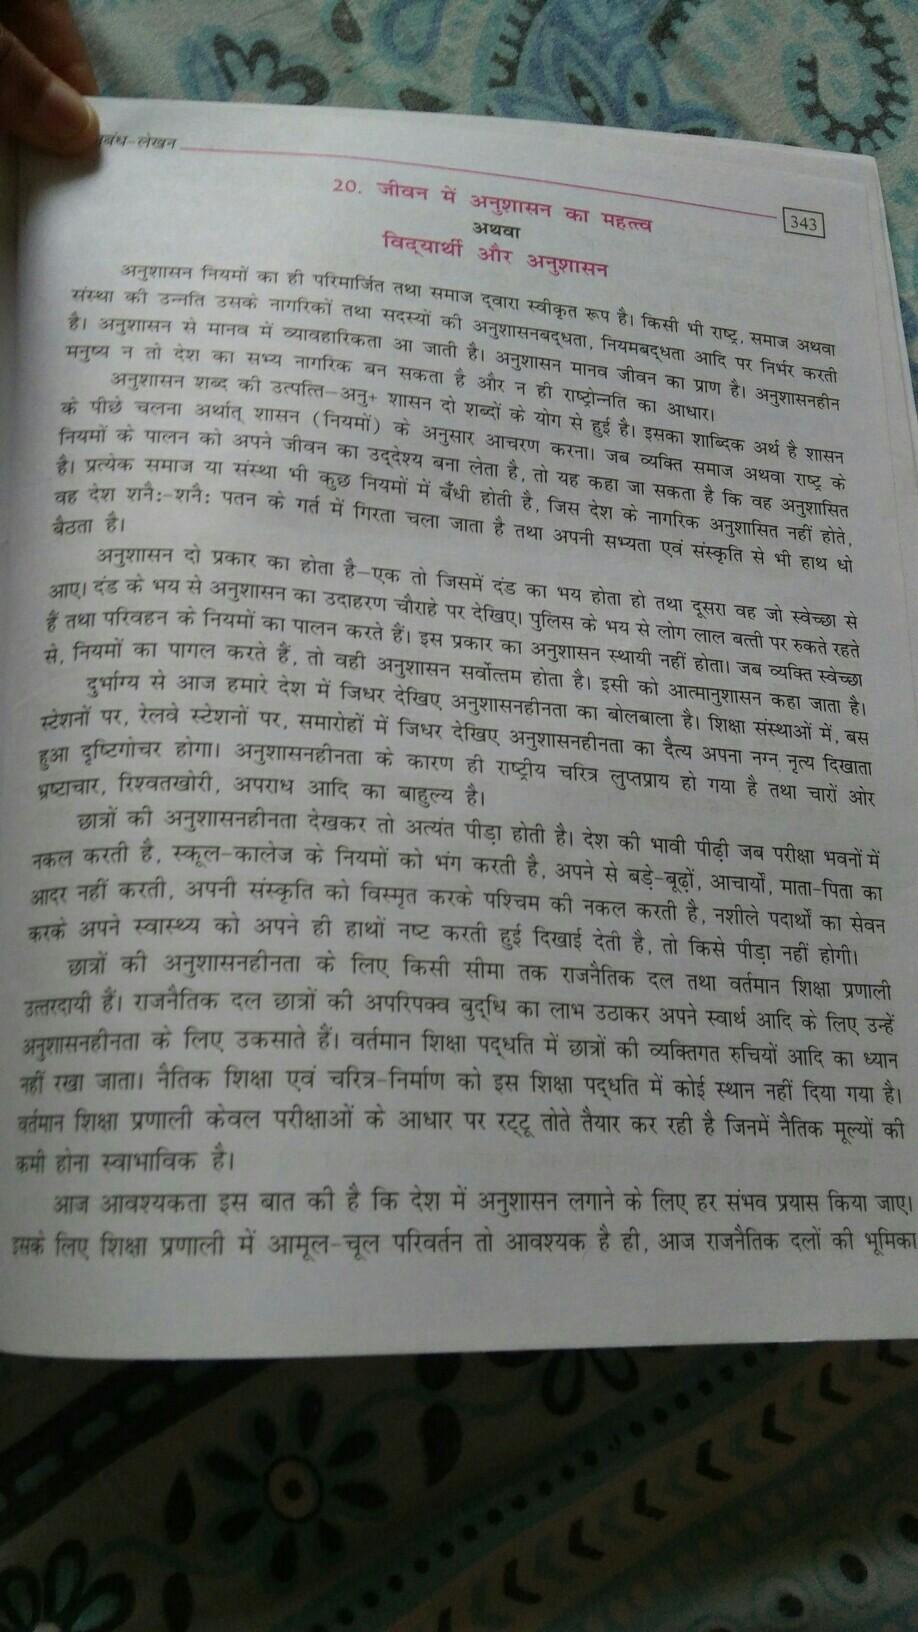 essay on vidyarthi ke jeevan mein anushasan ka mahatva